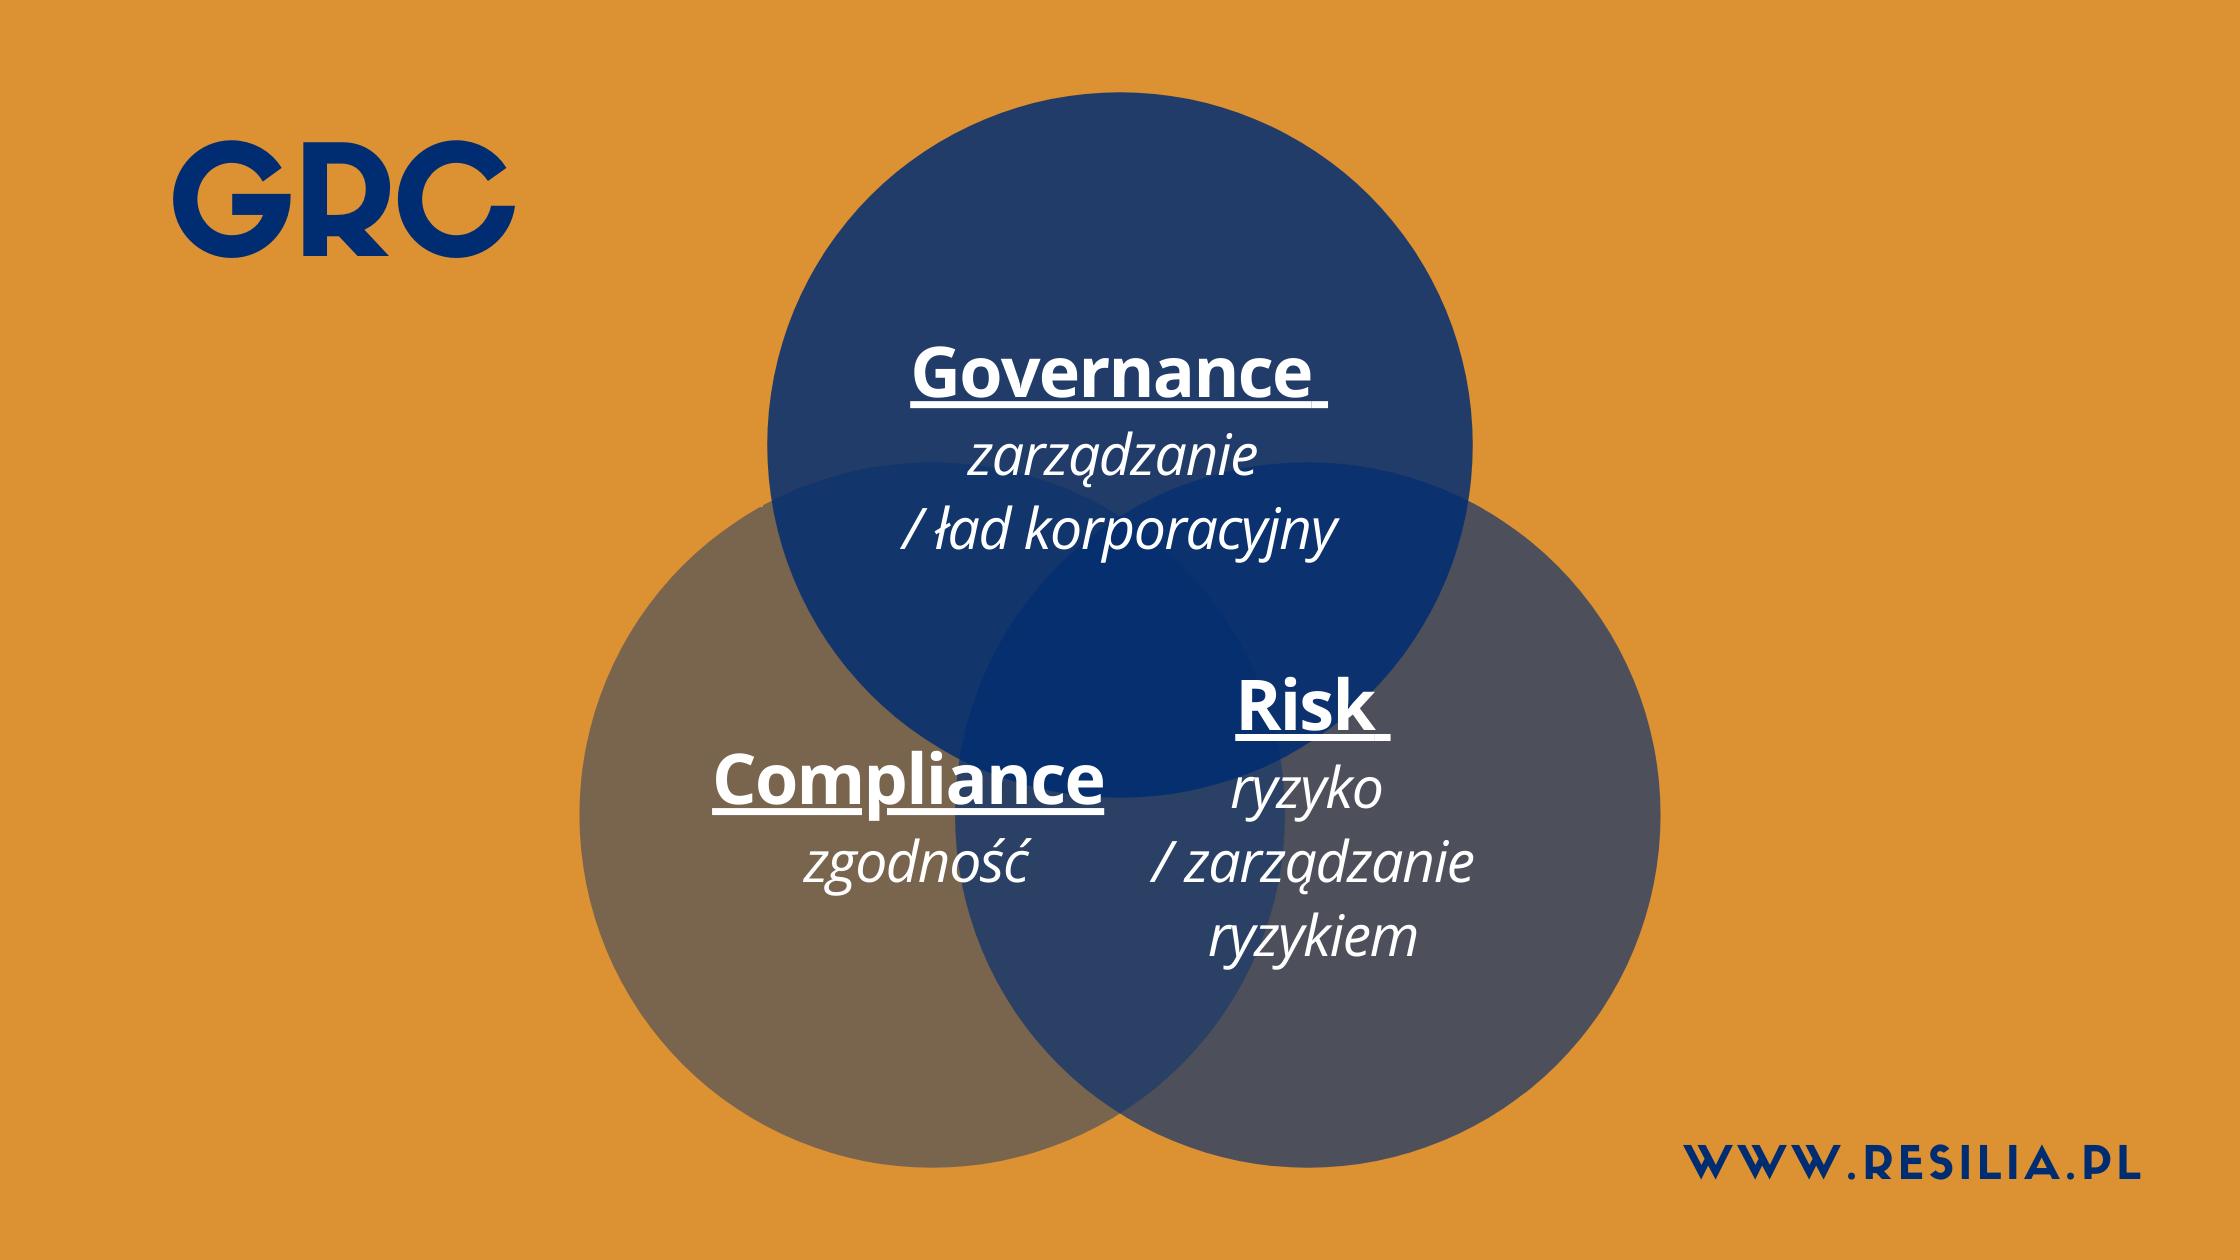 GRC definicja zarządzanie firma